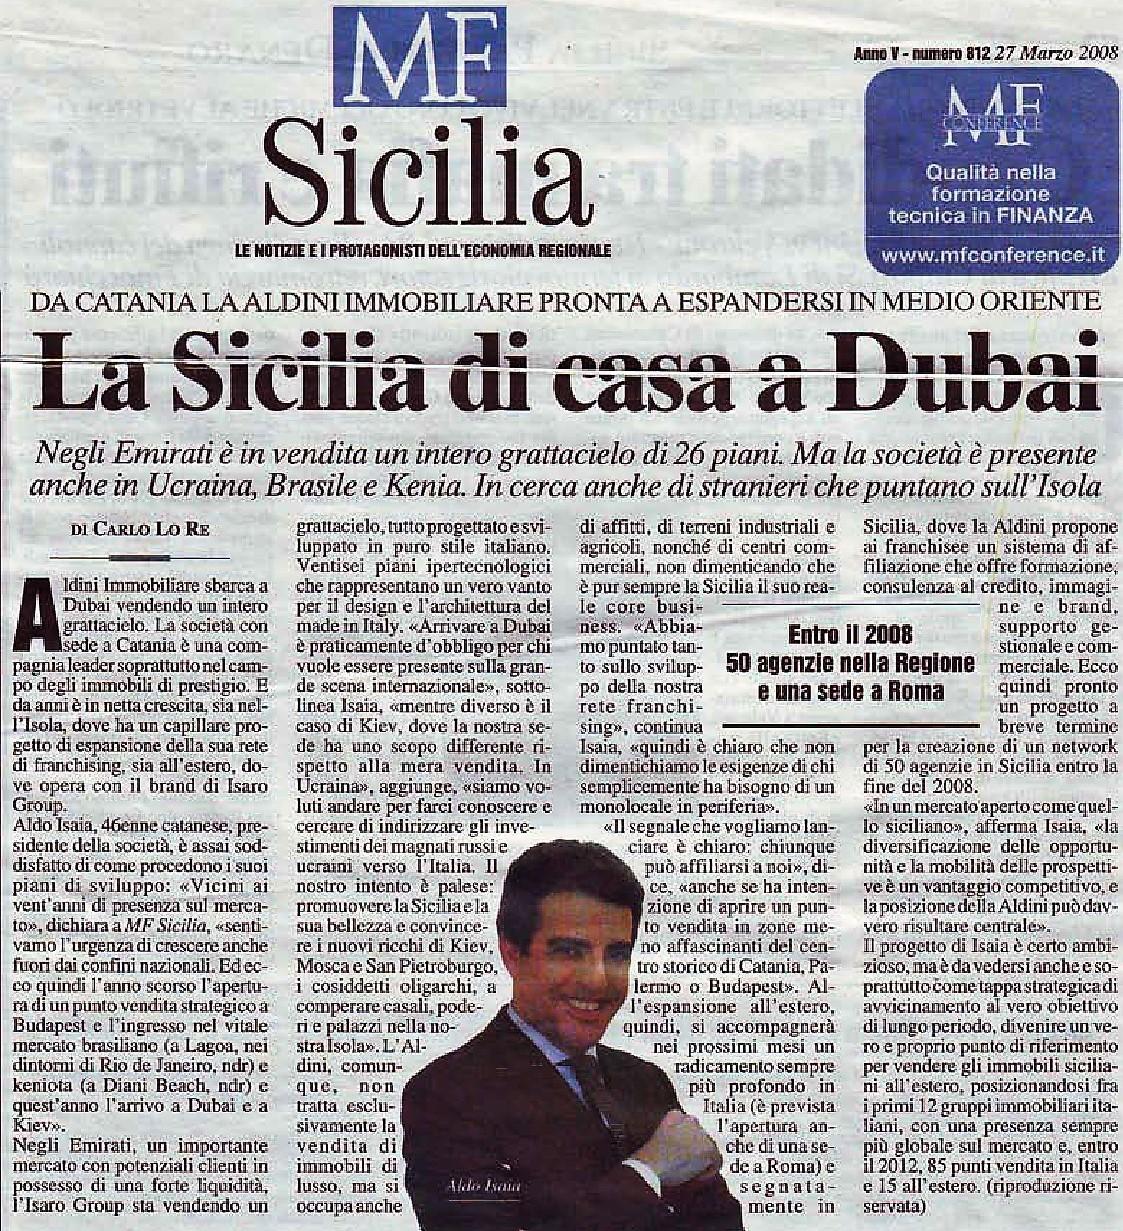 Aldo Isaia: La Sicilia è di casa a Dubai